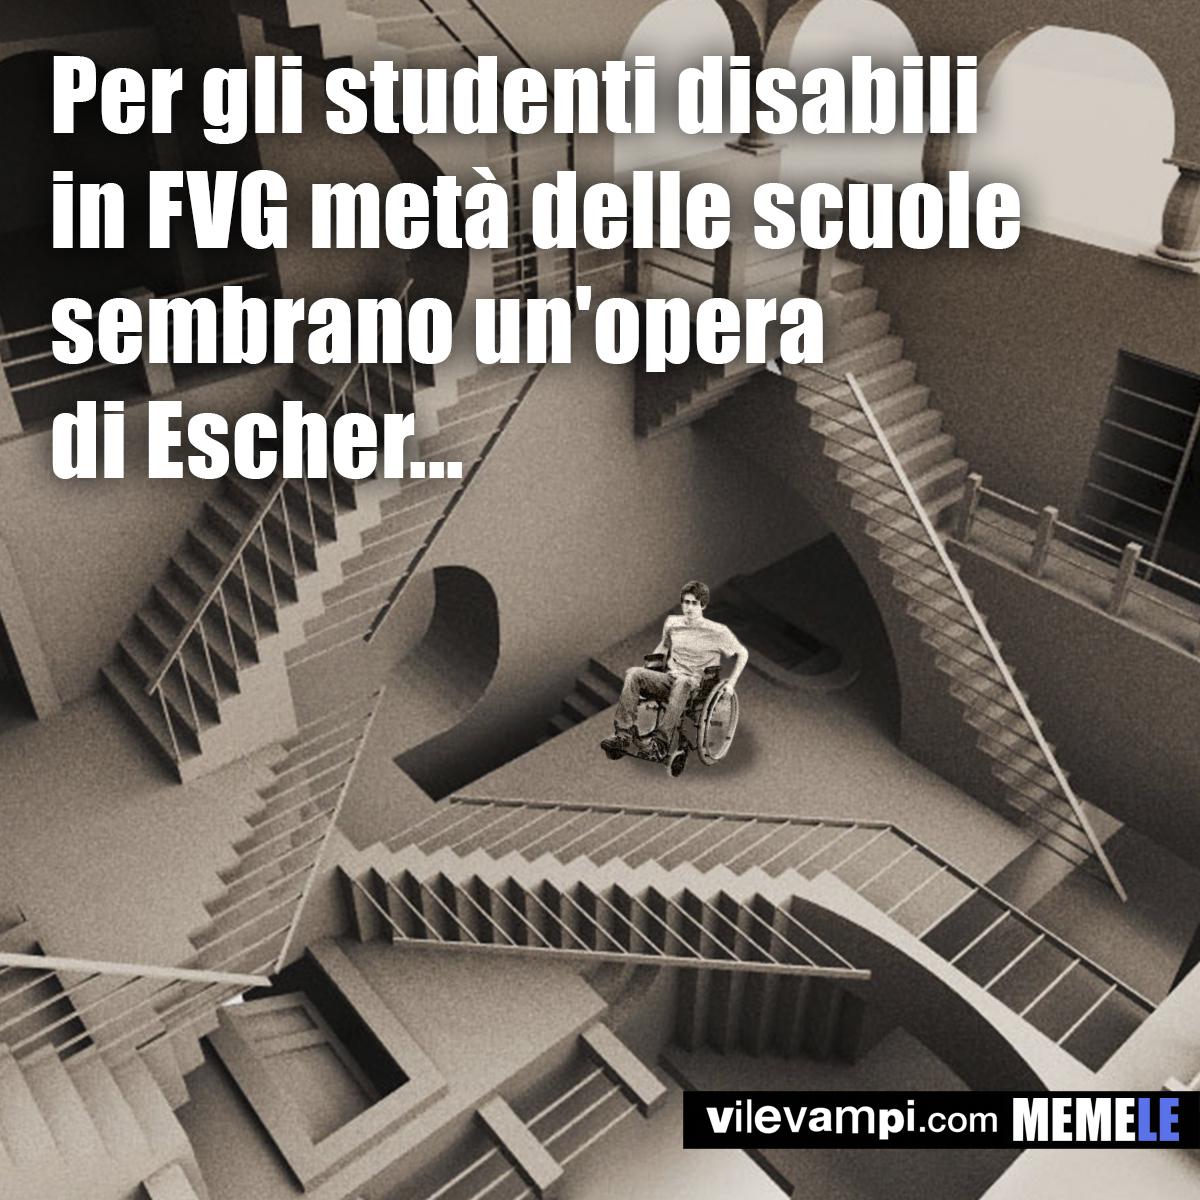 2019_Disabili scuole FVG